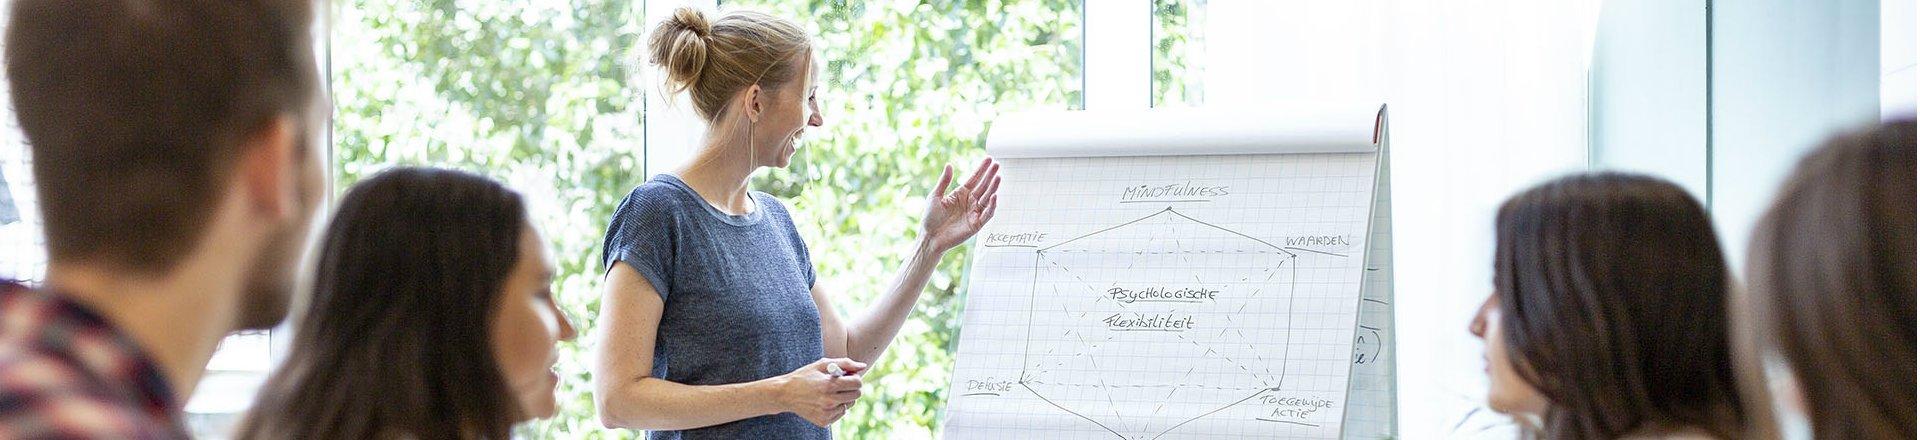 training-persoonlijk-leiderschap